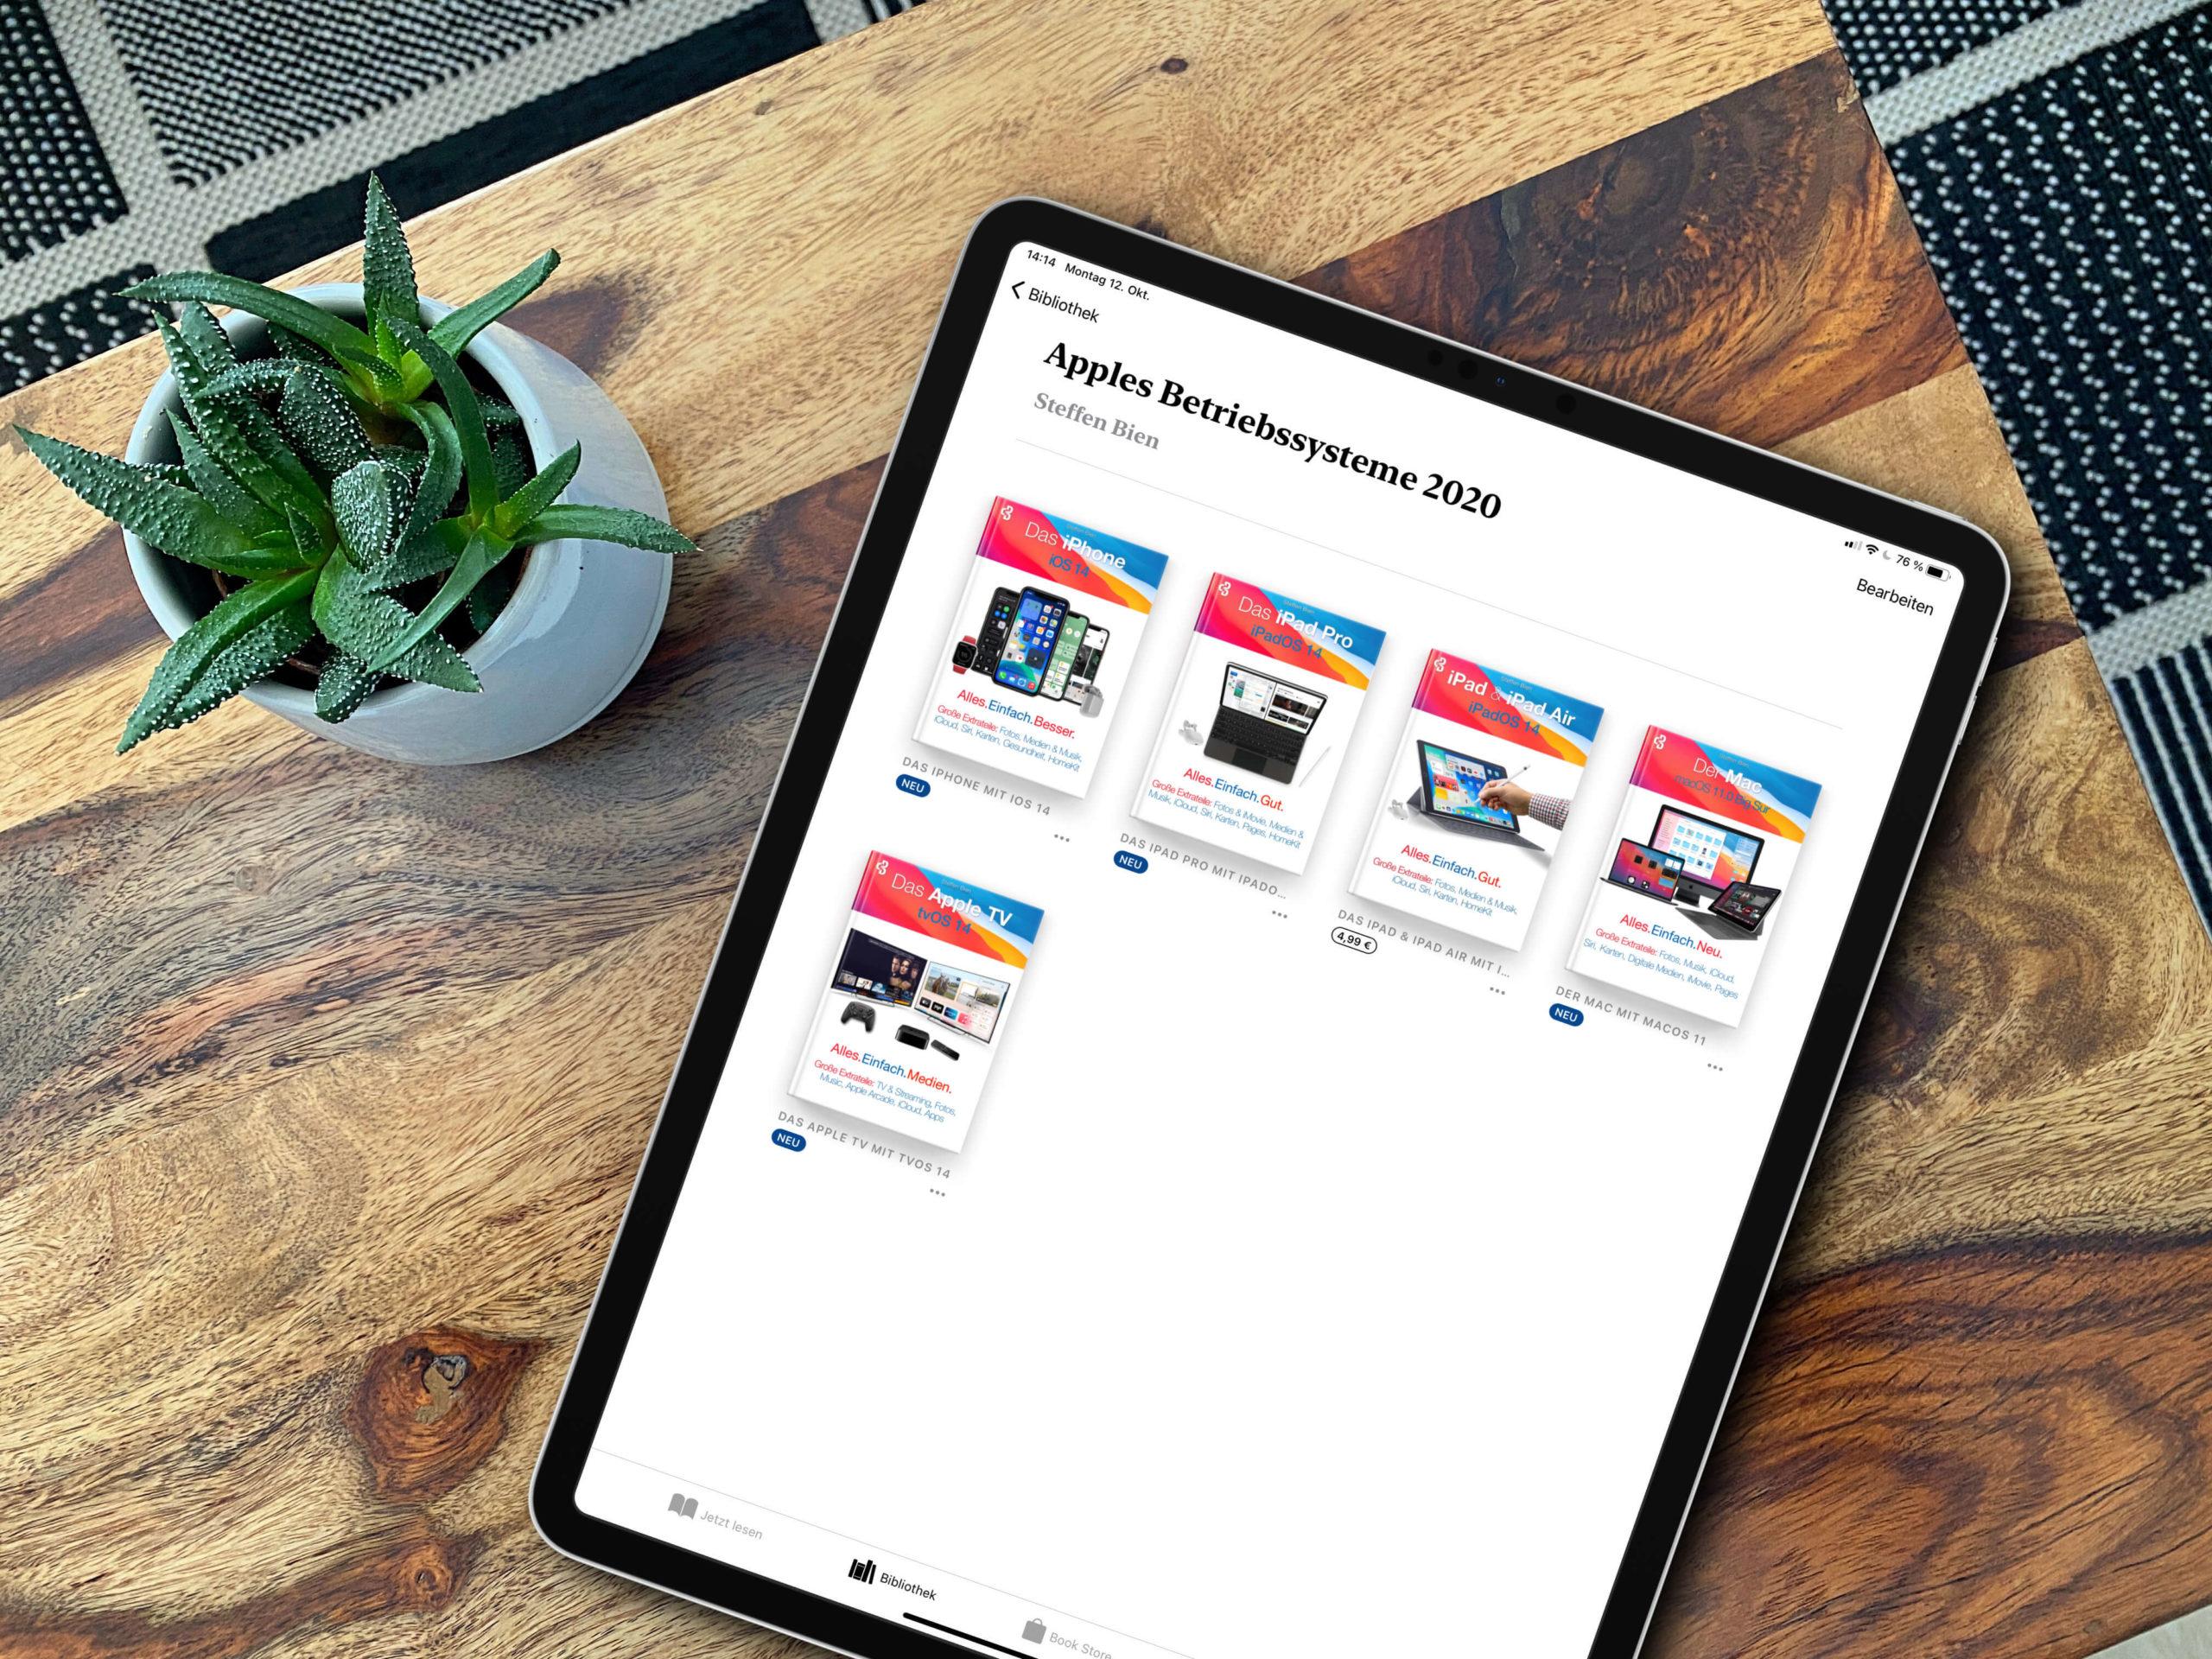 Digitale-Fachbuecher-zu-iOS-14-iPadOS-14-tvOS-15-und-macOs-Big-Sur-fuer-den-Profi-scaled Für den Neuling und Profianwender: Digitale Fachbücher zu iOS 14, iPadOS 14, tvOS 14 und macOS Big Sur